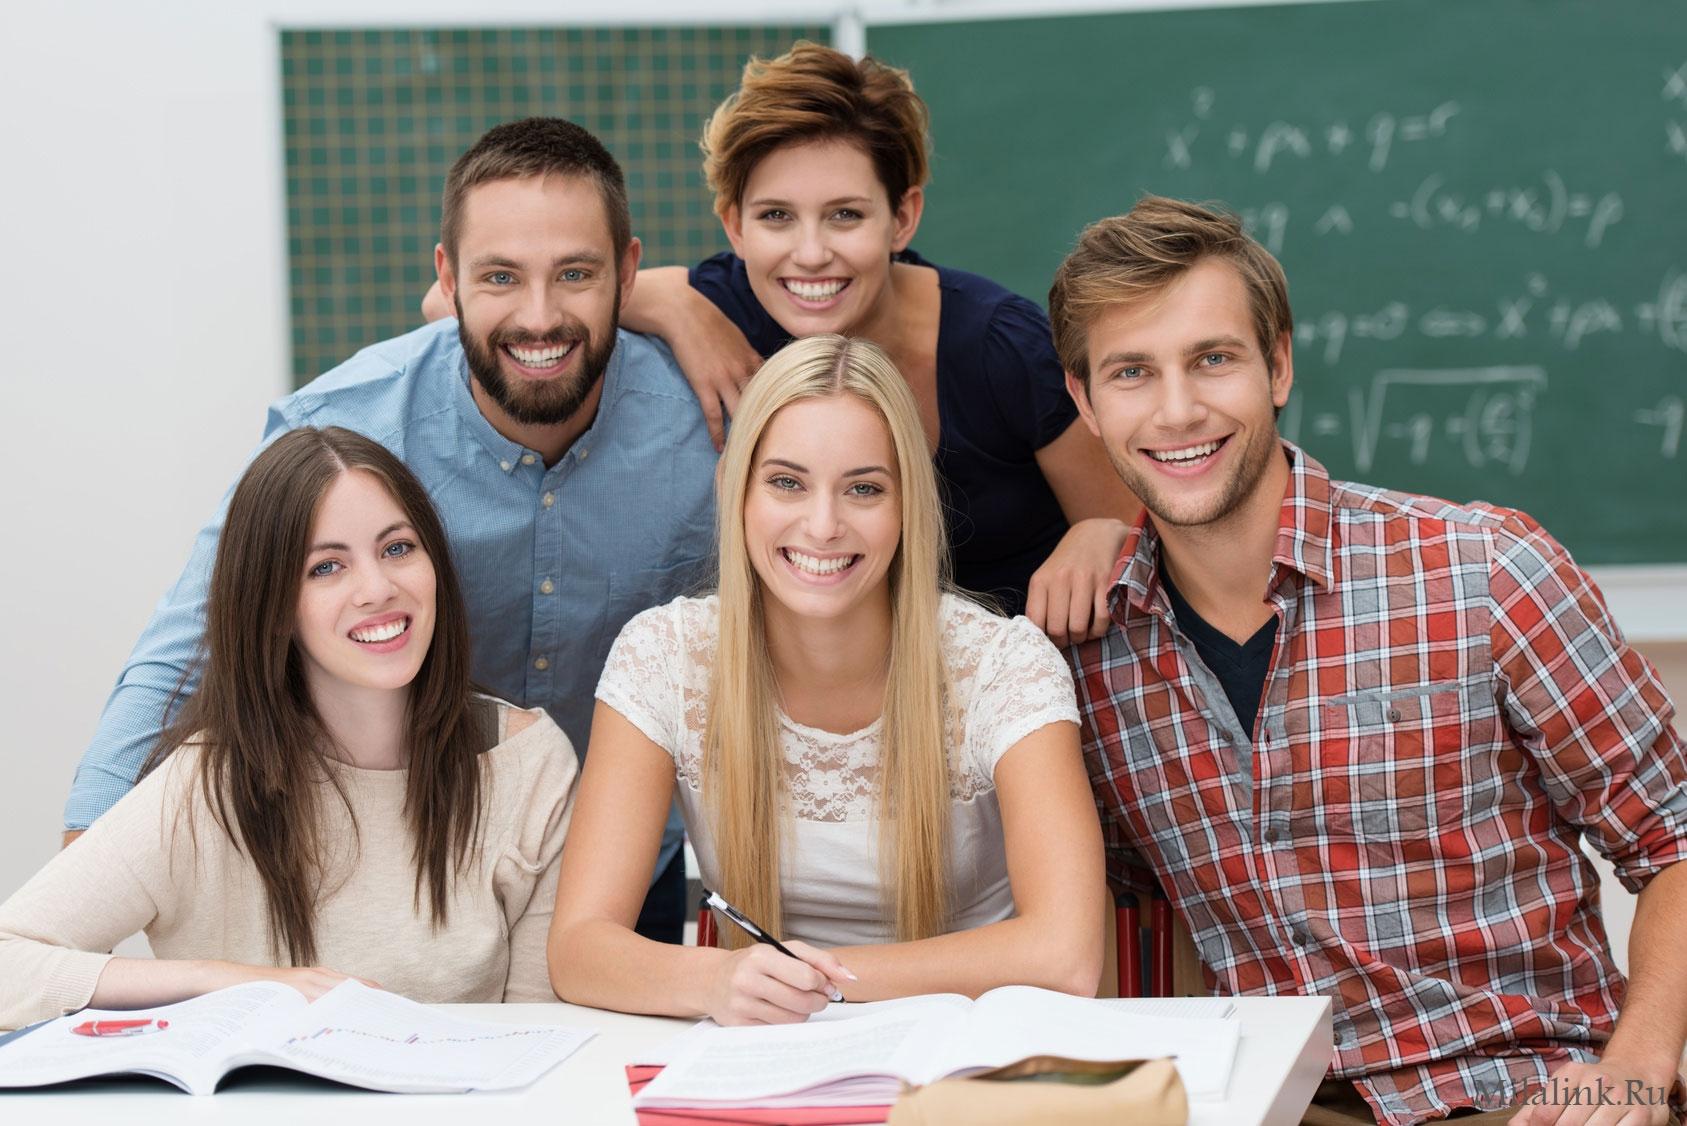 Картинка о студенчестве